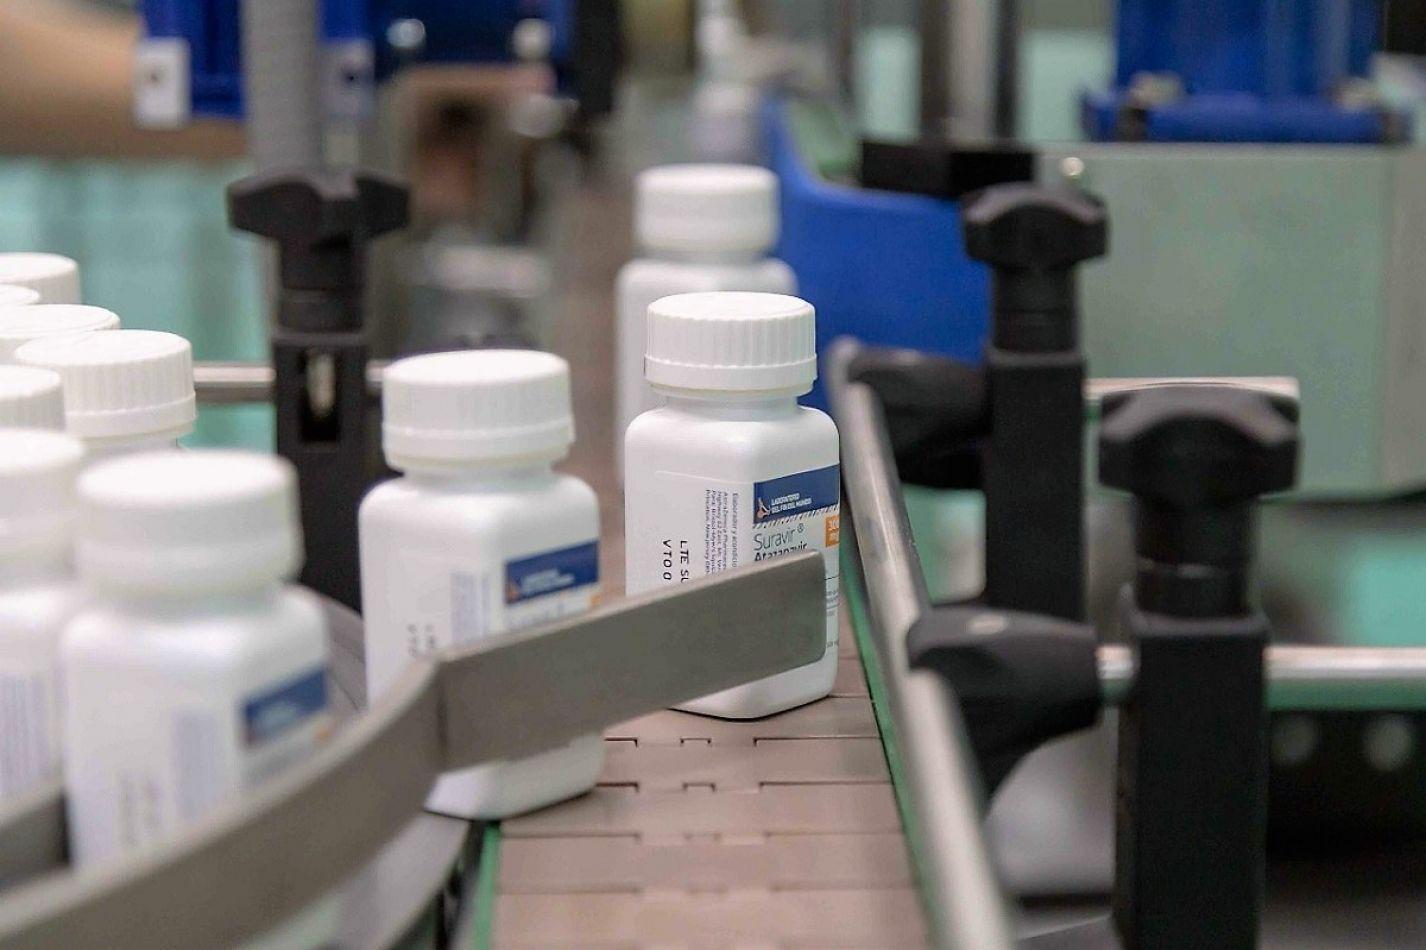 Un medicamento contra el HIV ya se produce en Ushuaia